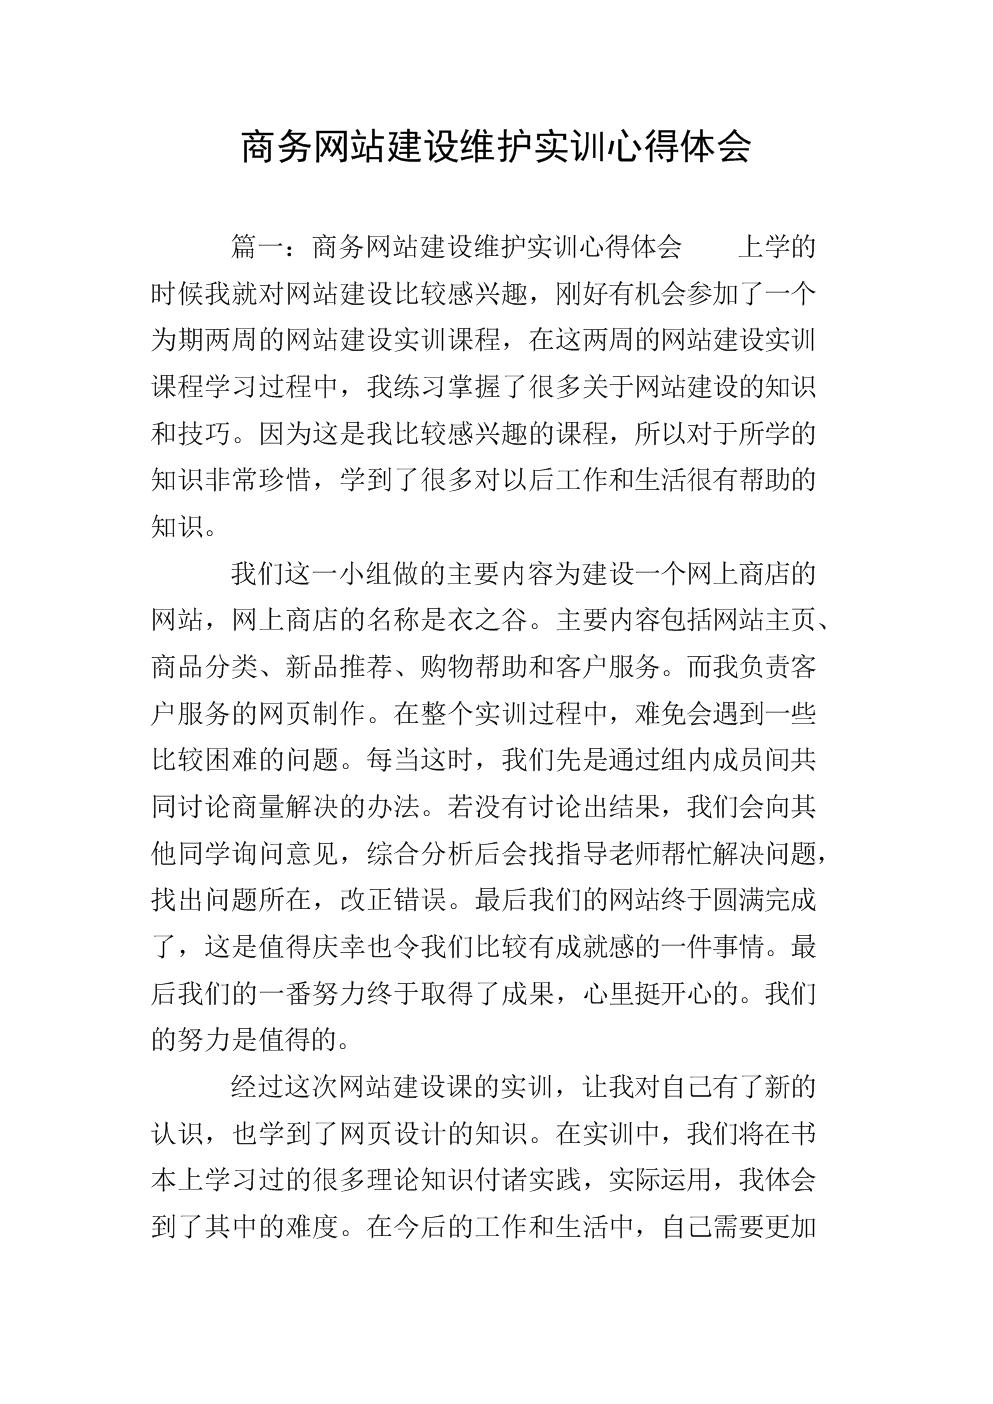 商务网站建设维护实训心得体会.doc